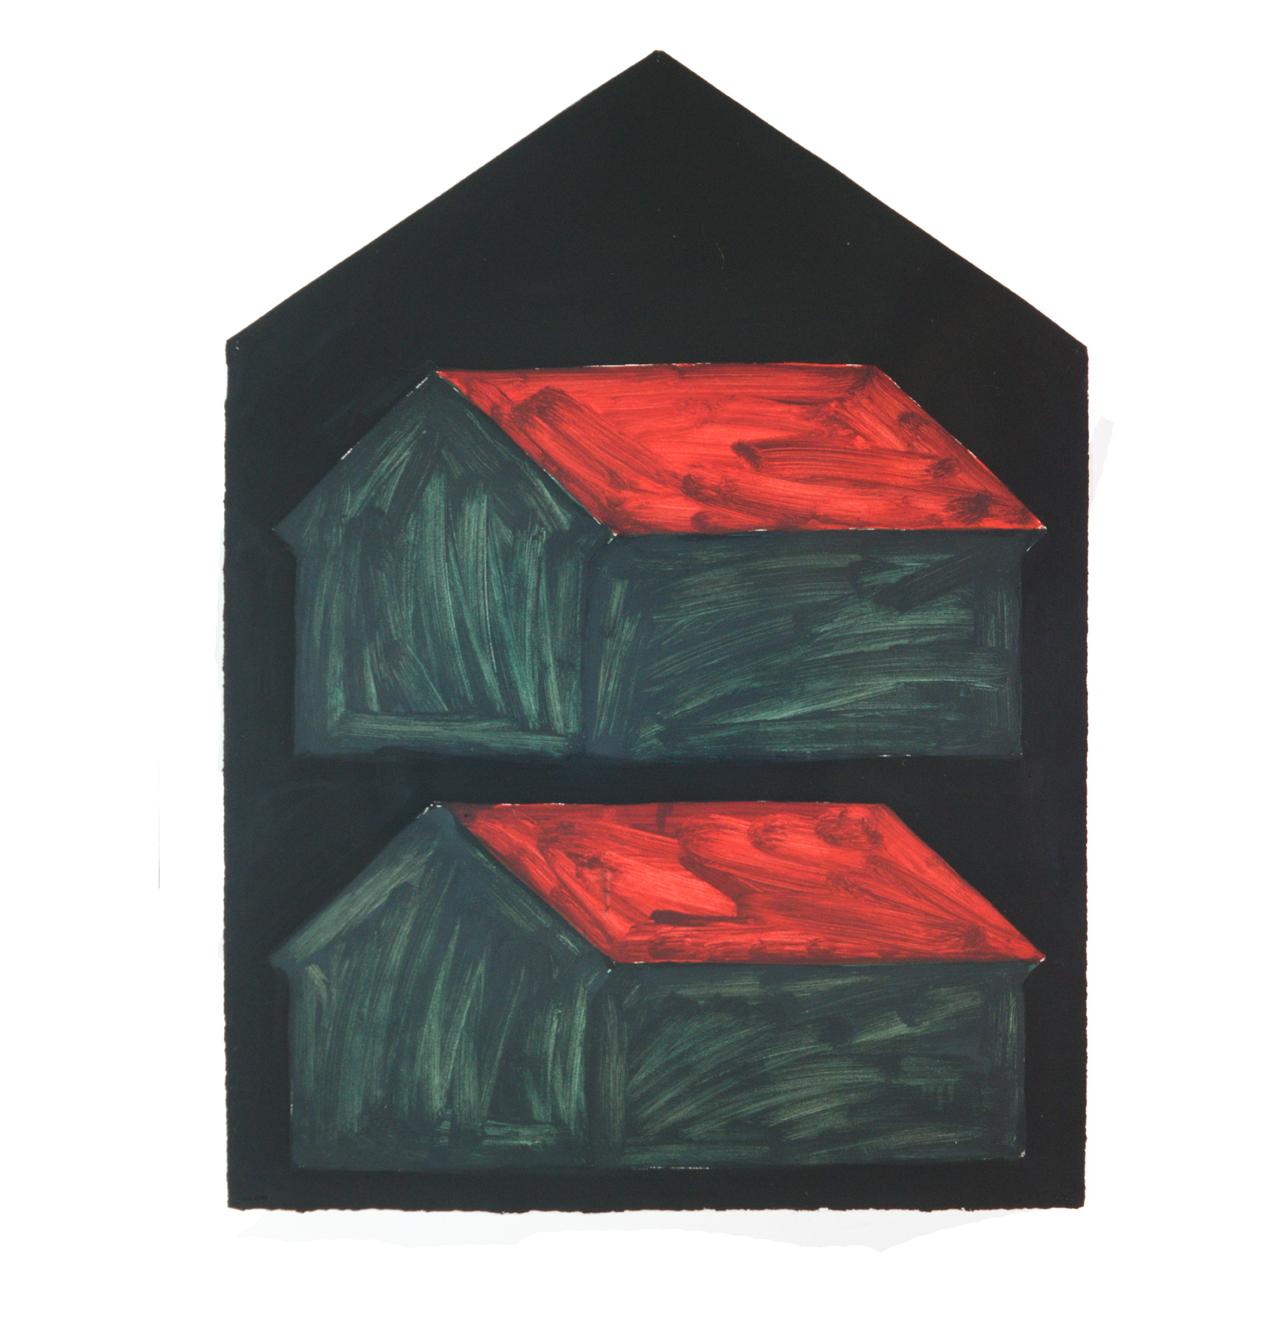 """""""Maison double sombre"""" 1981, peinture à l'huile sur papier, 106 x 79 cm - Photo Hadler/Stuhr"""